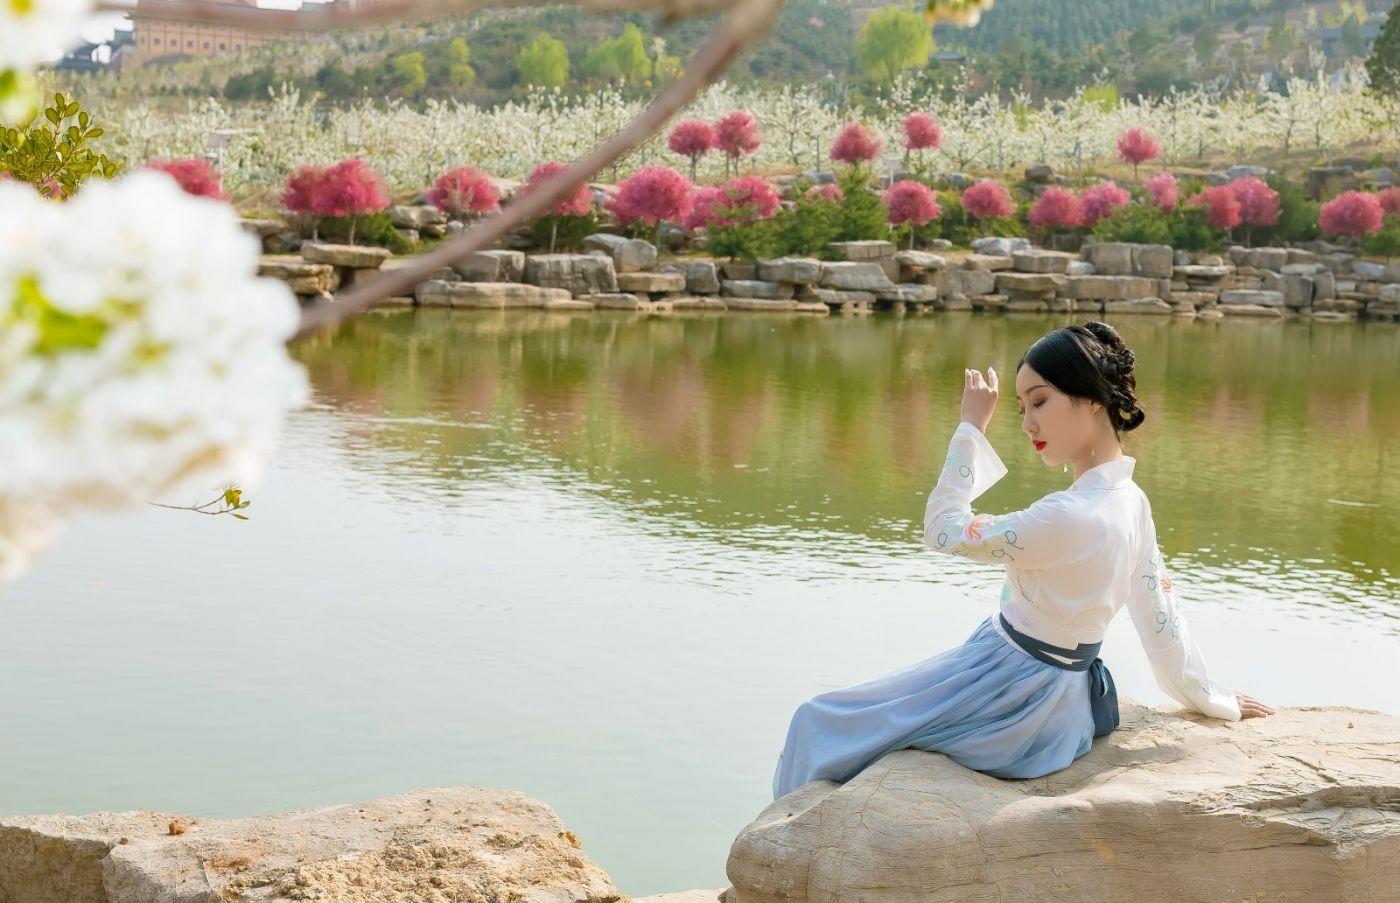 发现民族舞女孩吕锦涛 在樱桃花开白如雪的马泉翩翩起舞_图1-2